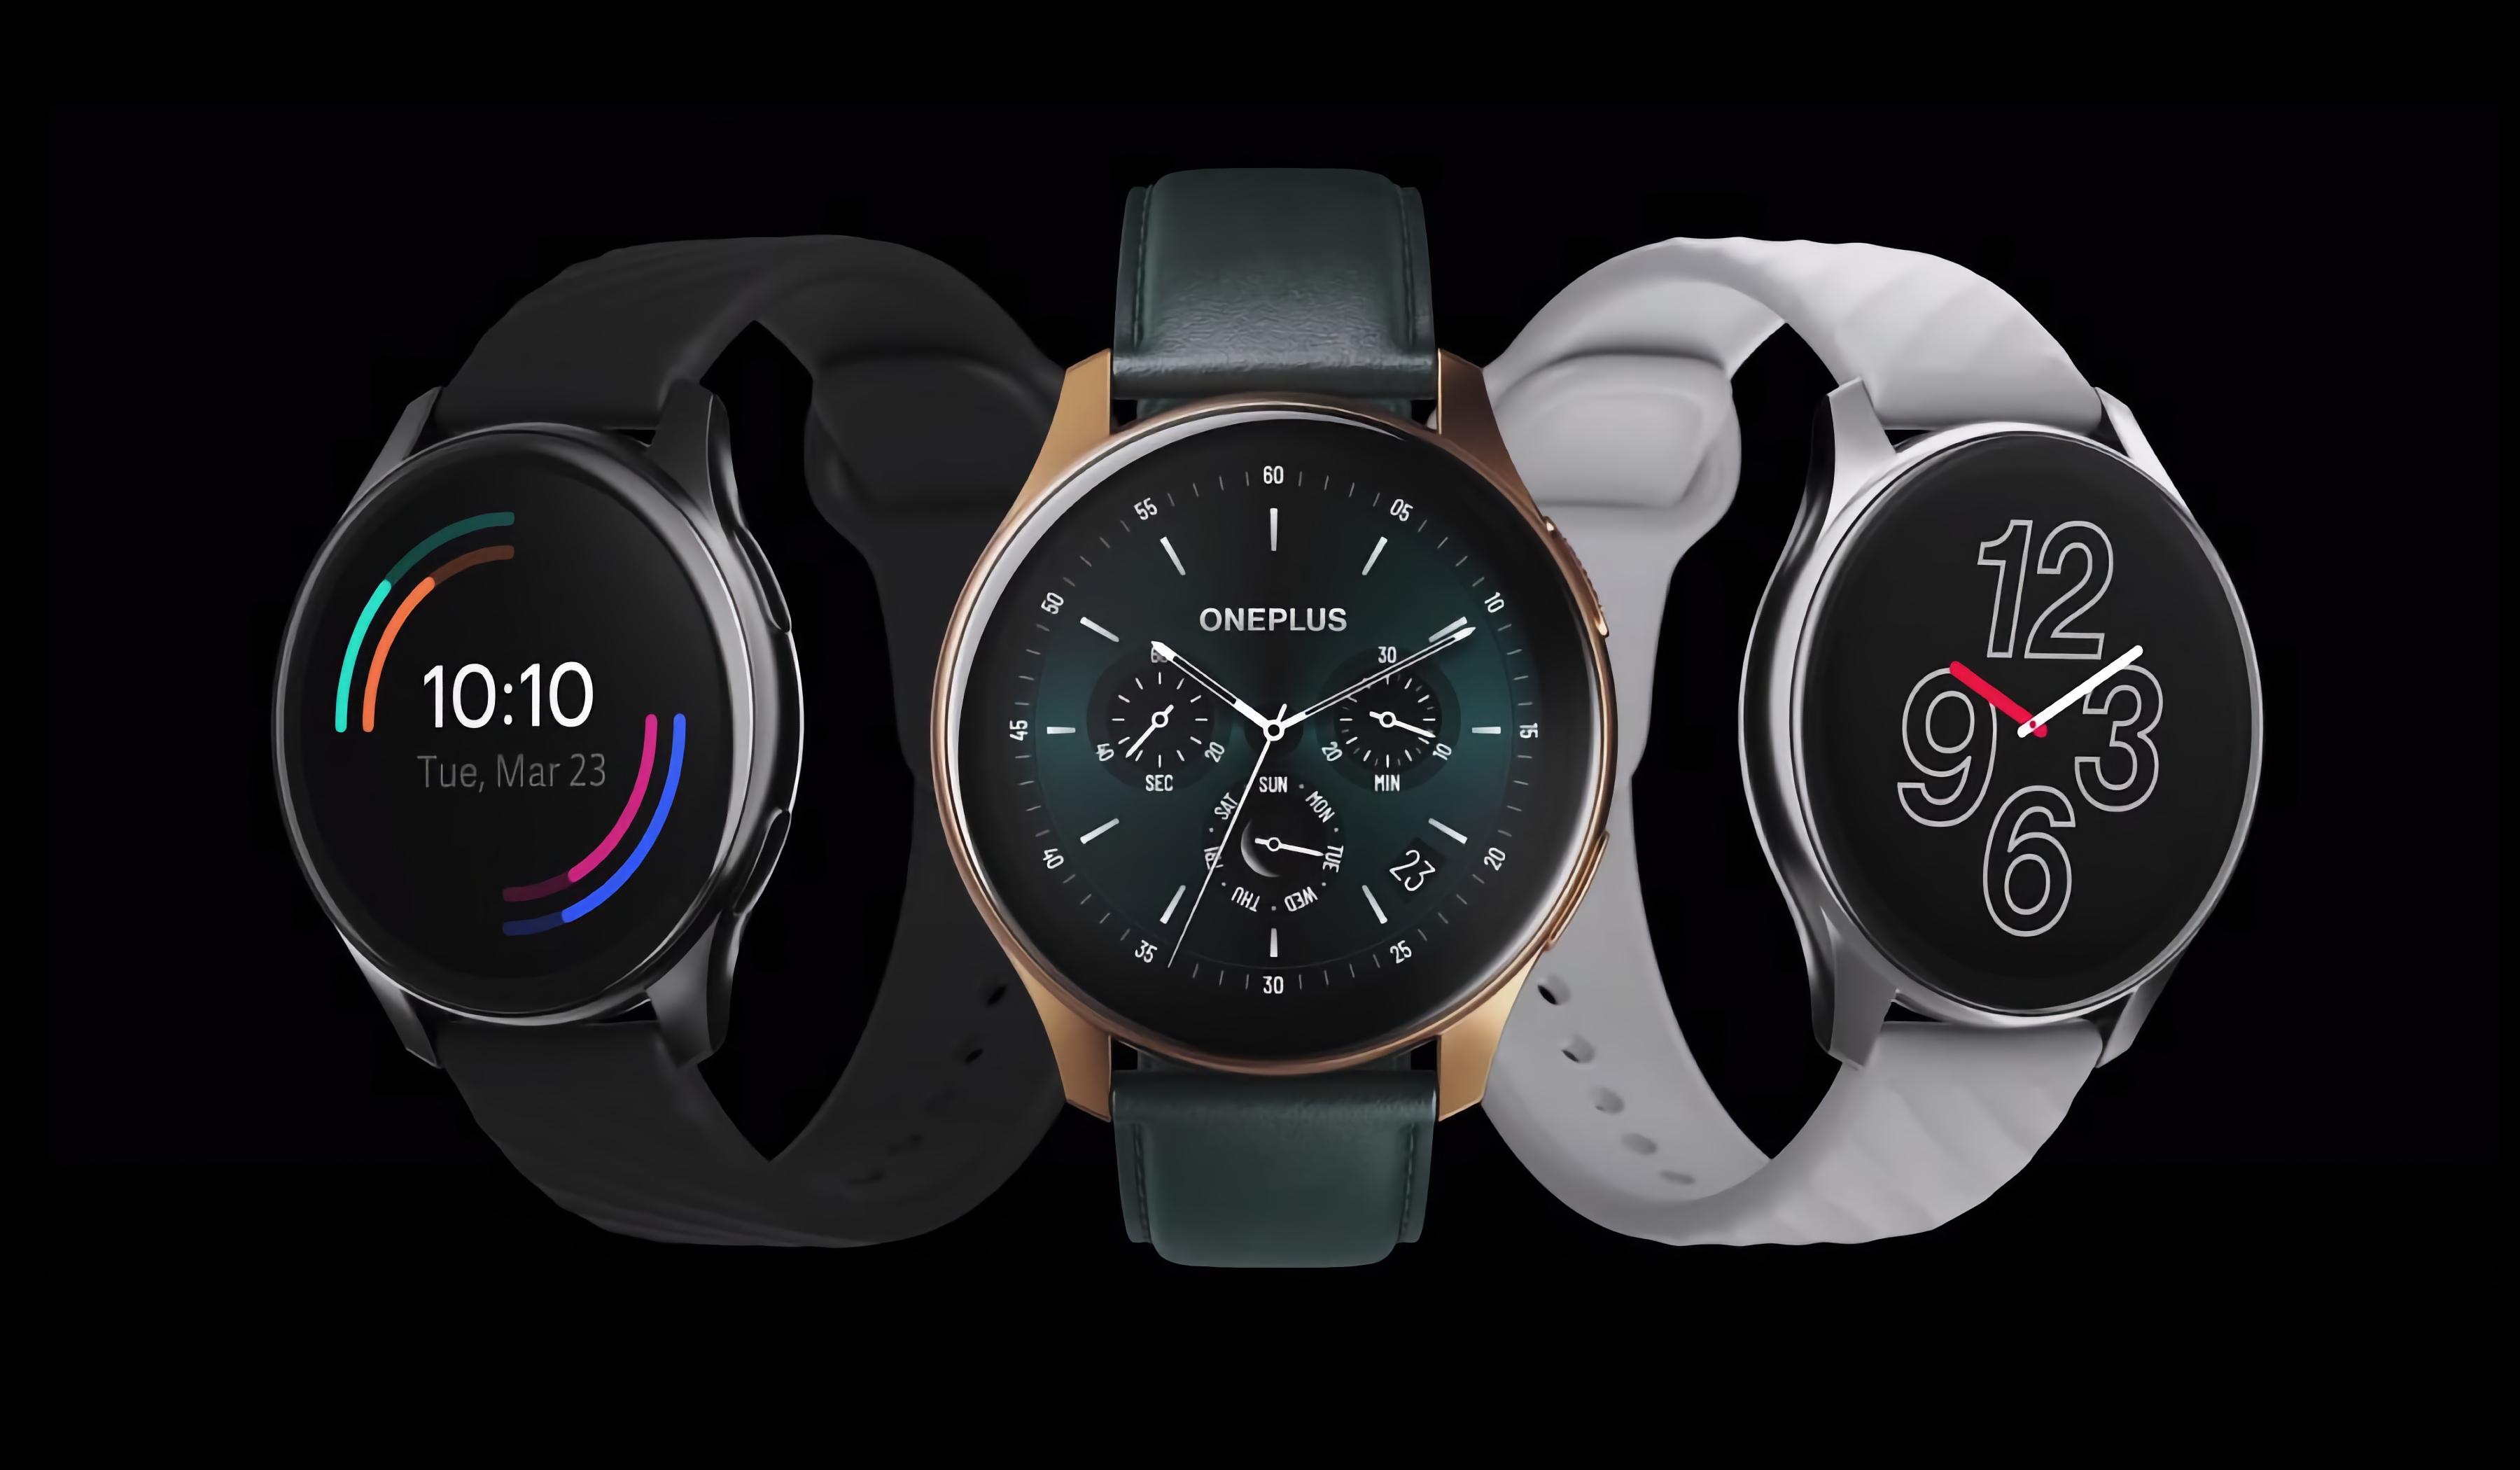 OnePlus готовит ещё одну специальную версию смарт-часов OnePlus Watch: она будет посвящена Гарри Поттеру